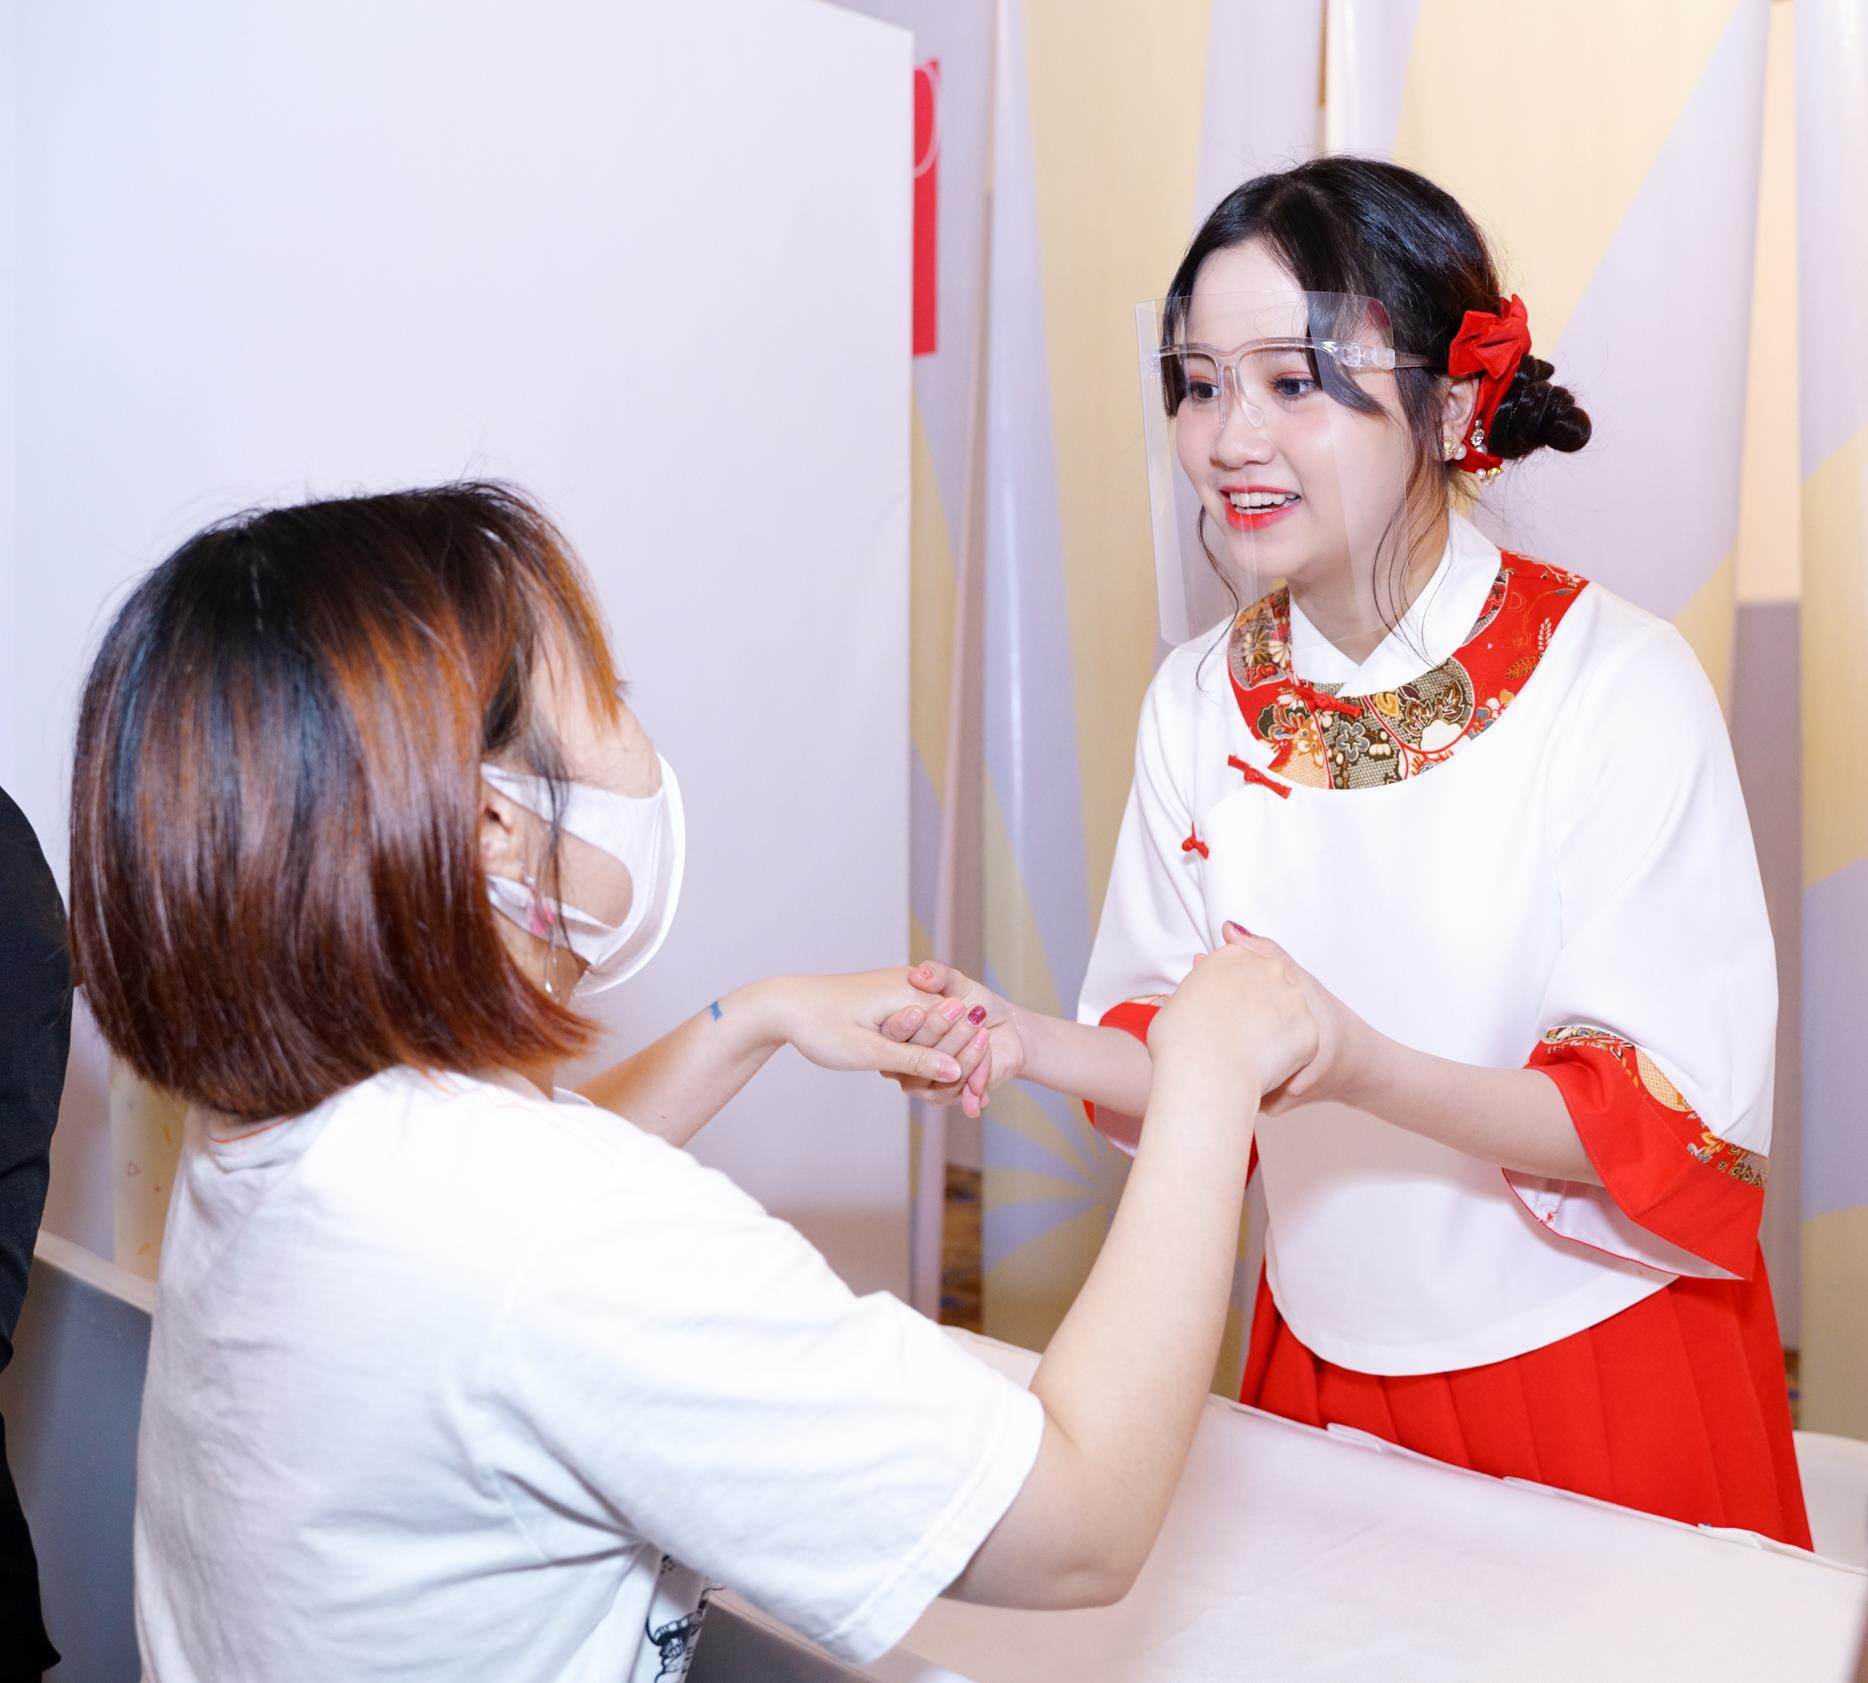 Lệ Trang chiến thắng ở sự kiện Handshake của SGO48, chính thức lọt top 16 trong single tiếp theo! - Ảnh 6.